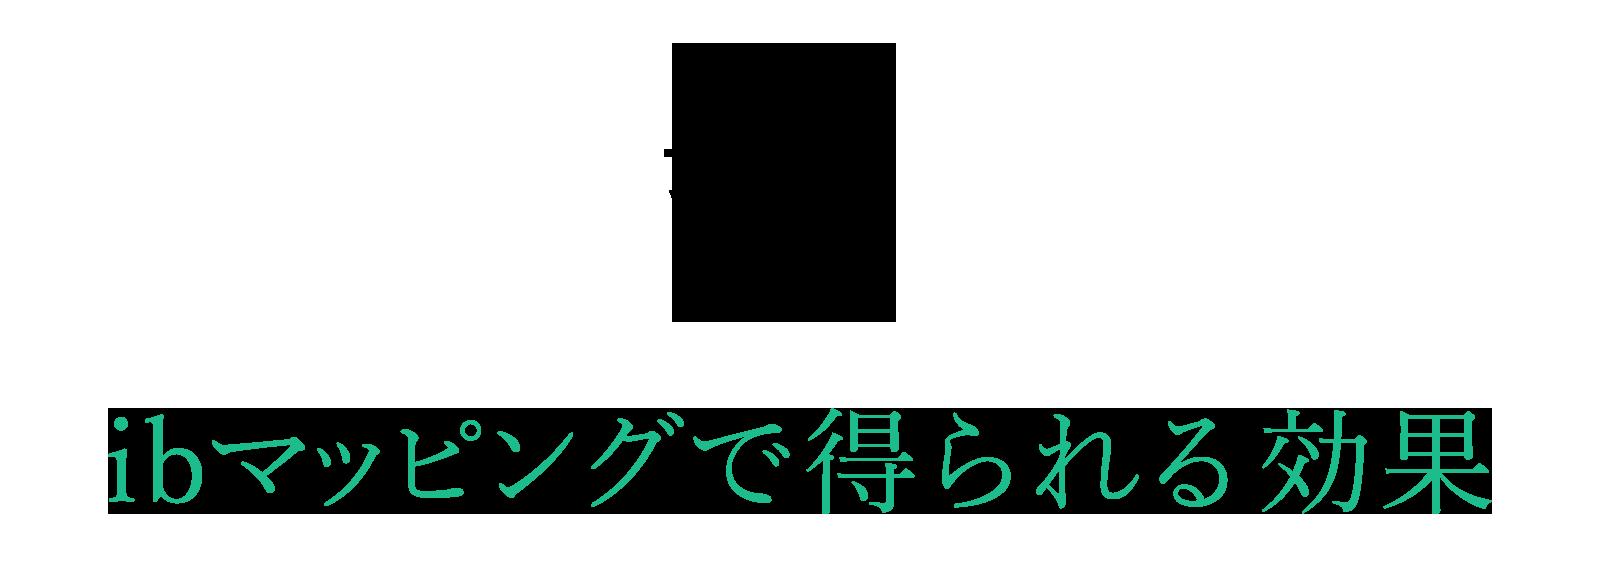 prof-midas-sumaho2-2-10-1